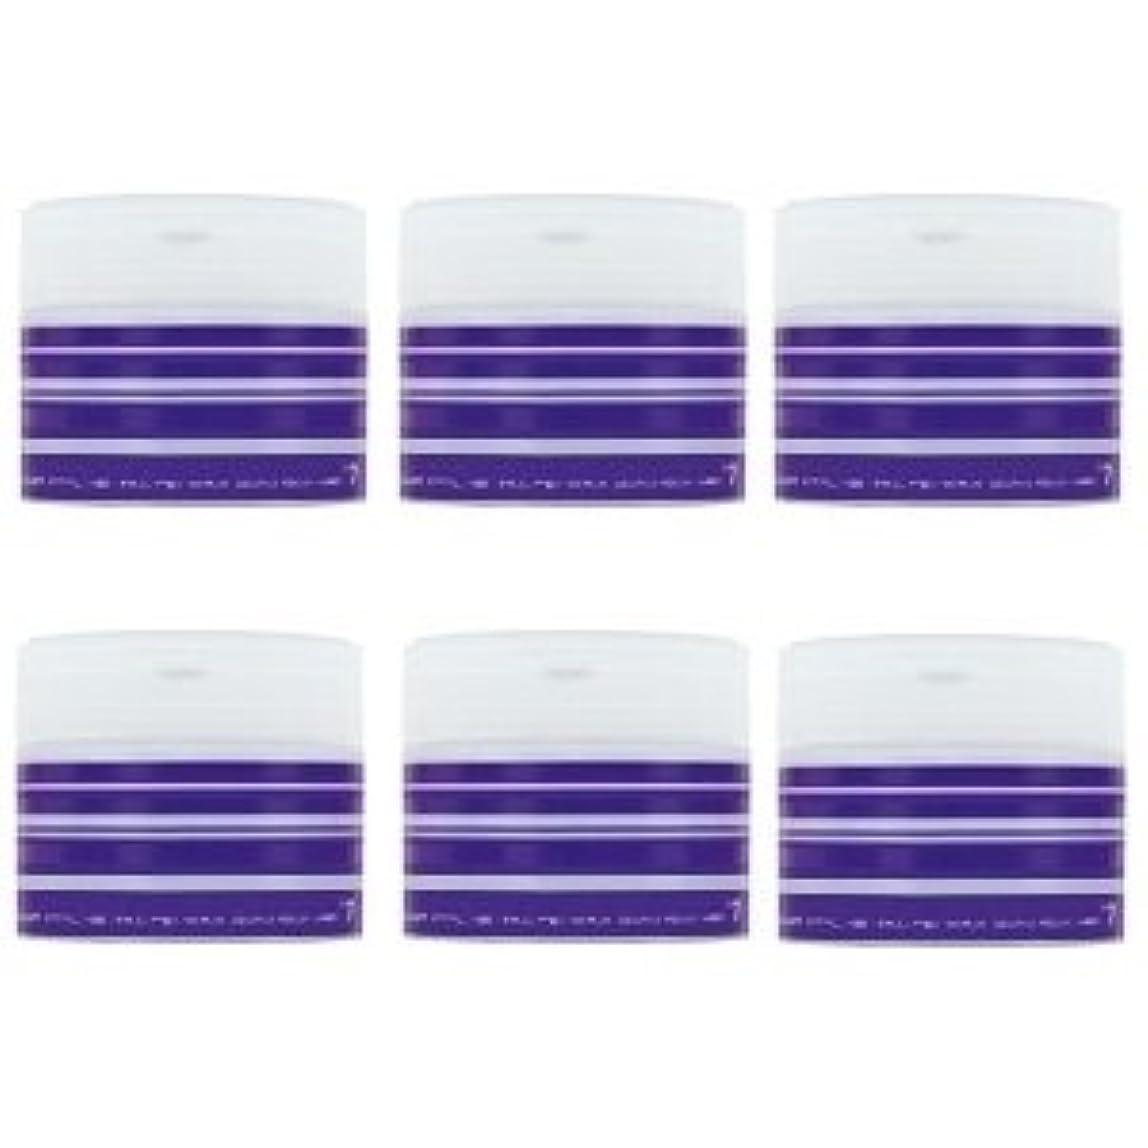 郵便化学薬品温室ナカノ スタイリング タントN ワックス 7 スーパータフハード 90g × 6個セット